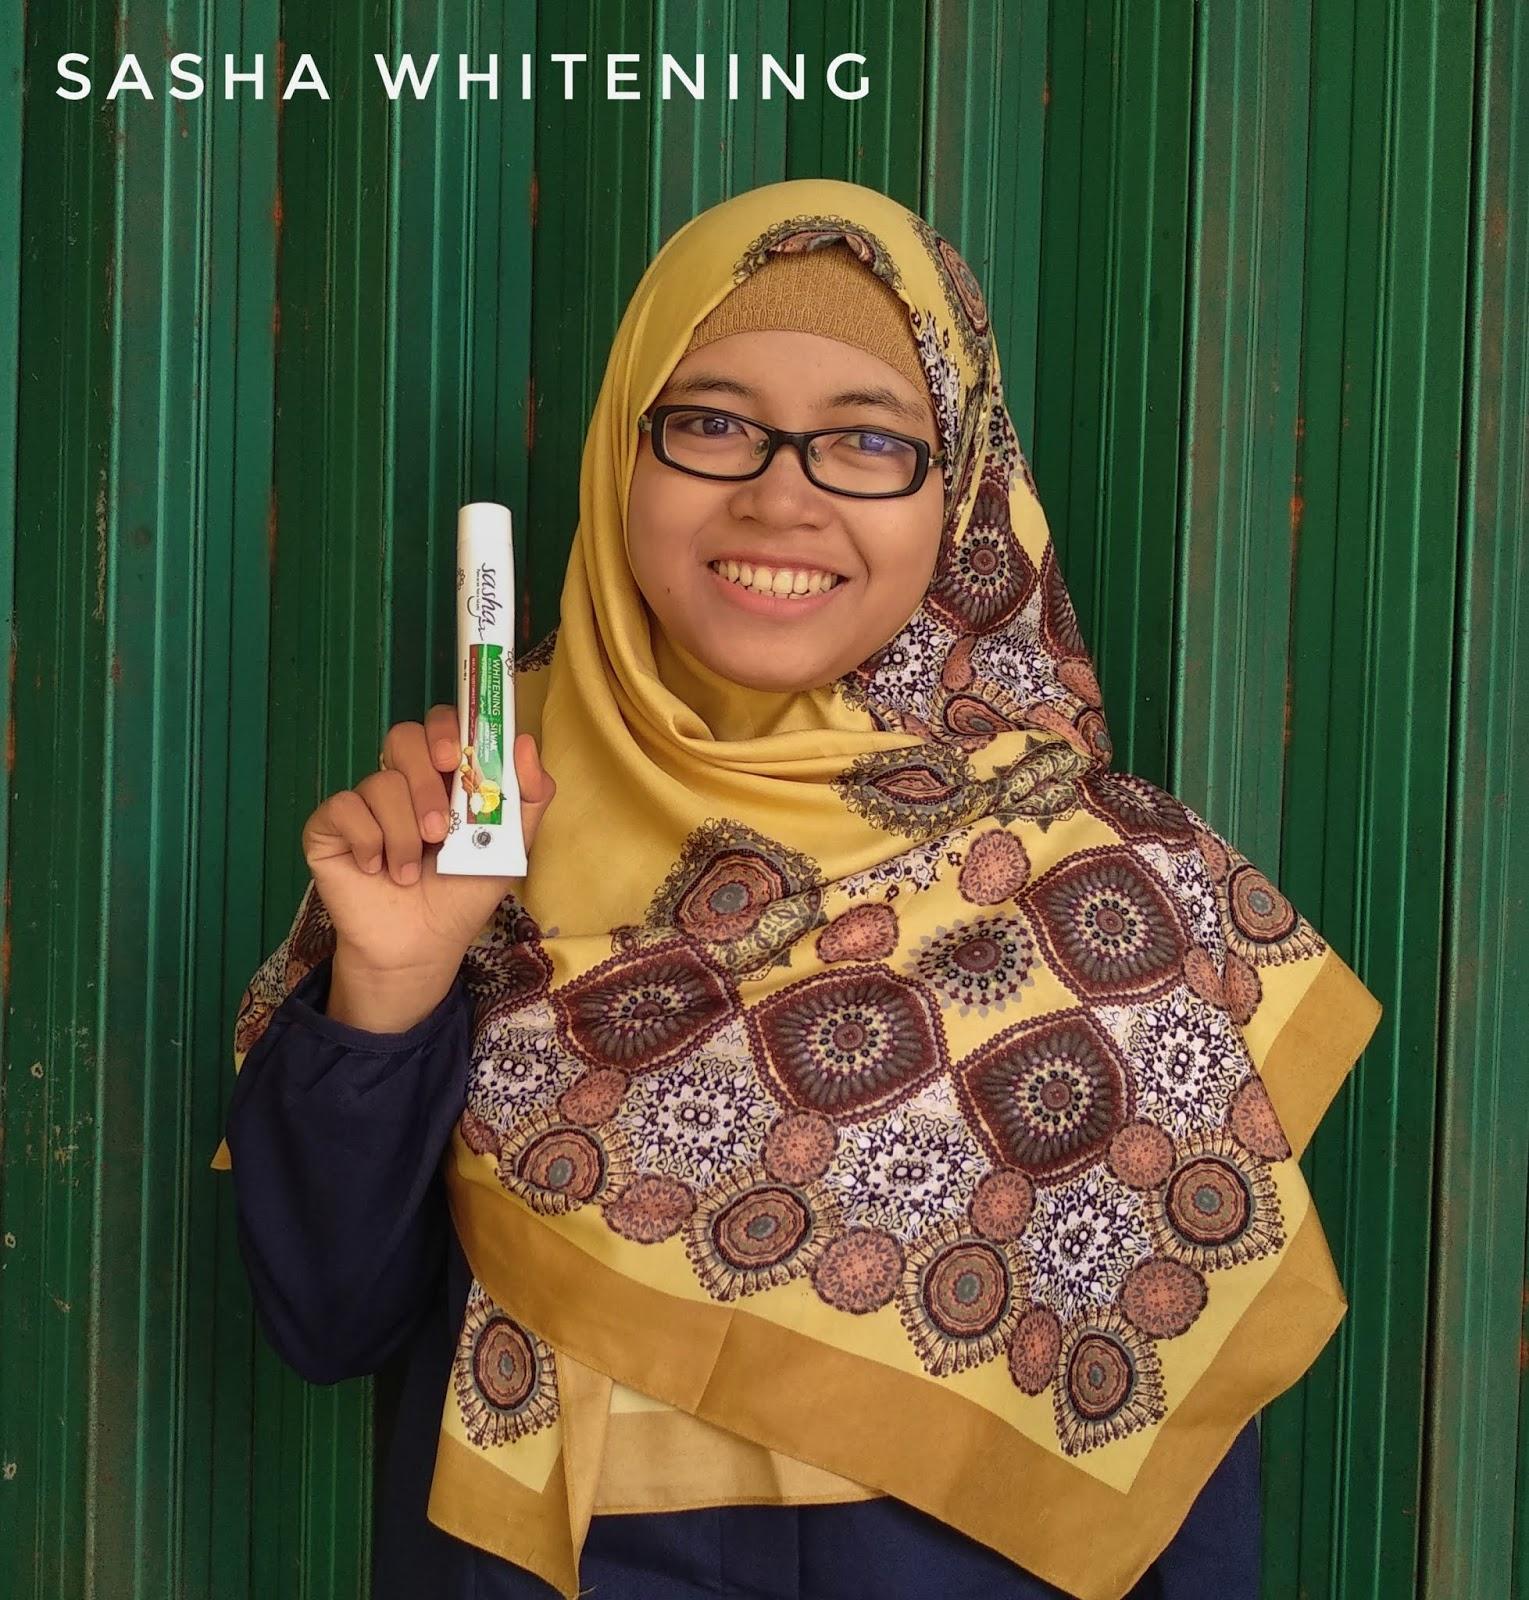 sasha mengandung siwak